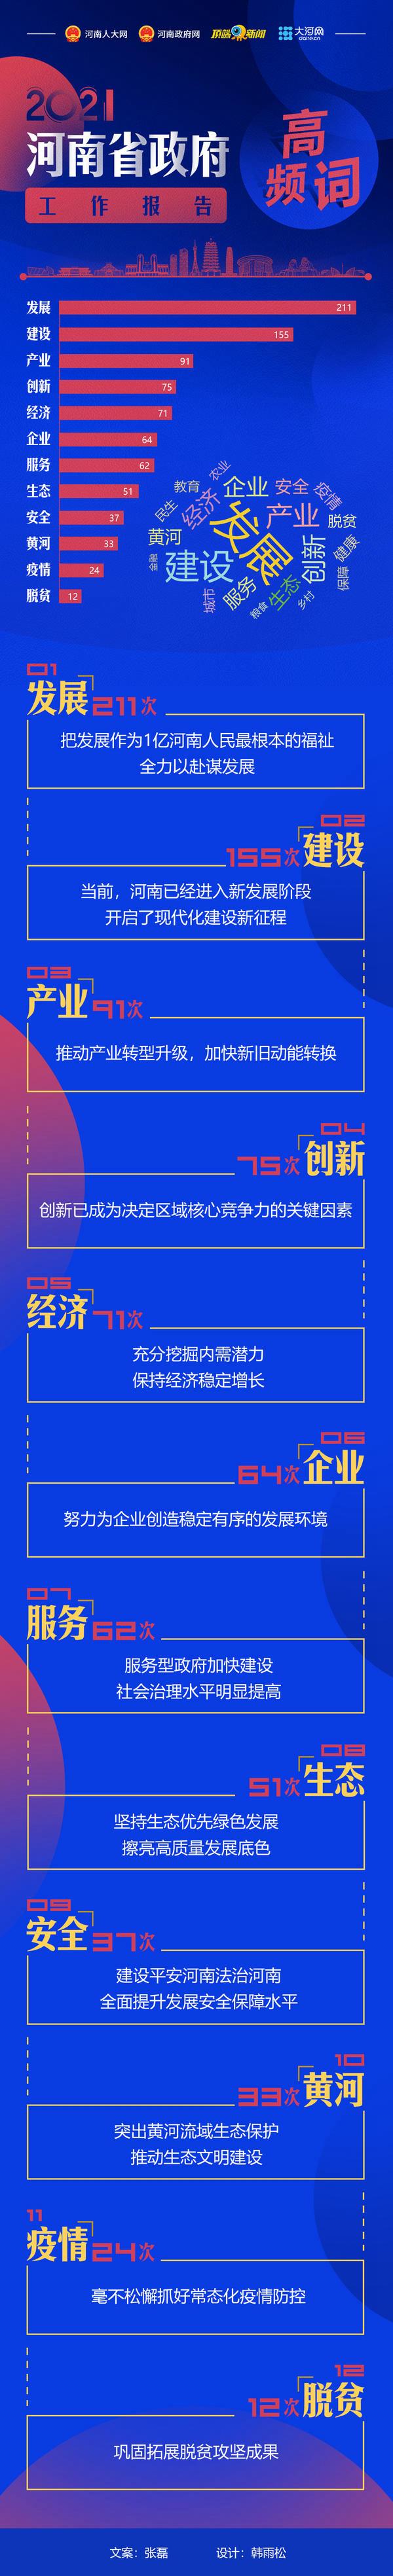 2021年河南省政府工作报告高频词出炉 看哪些词位居前列